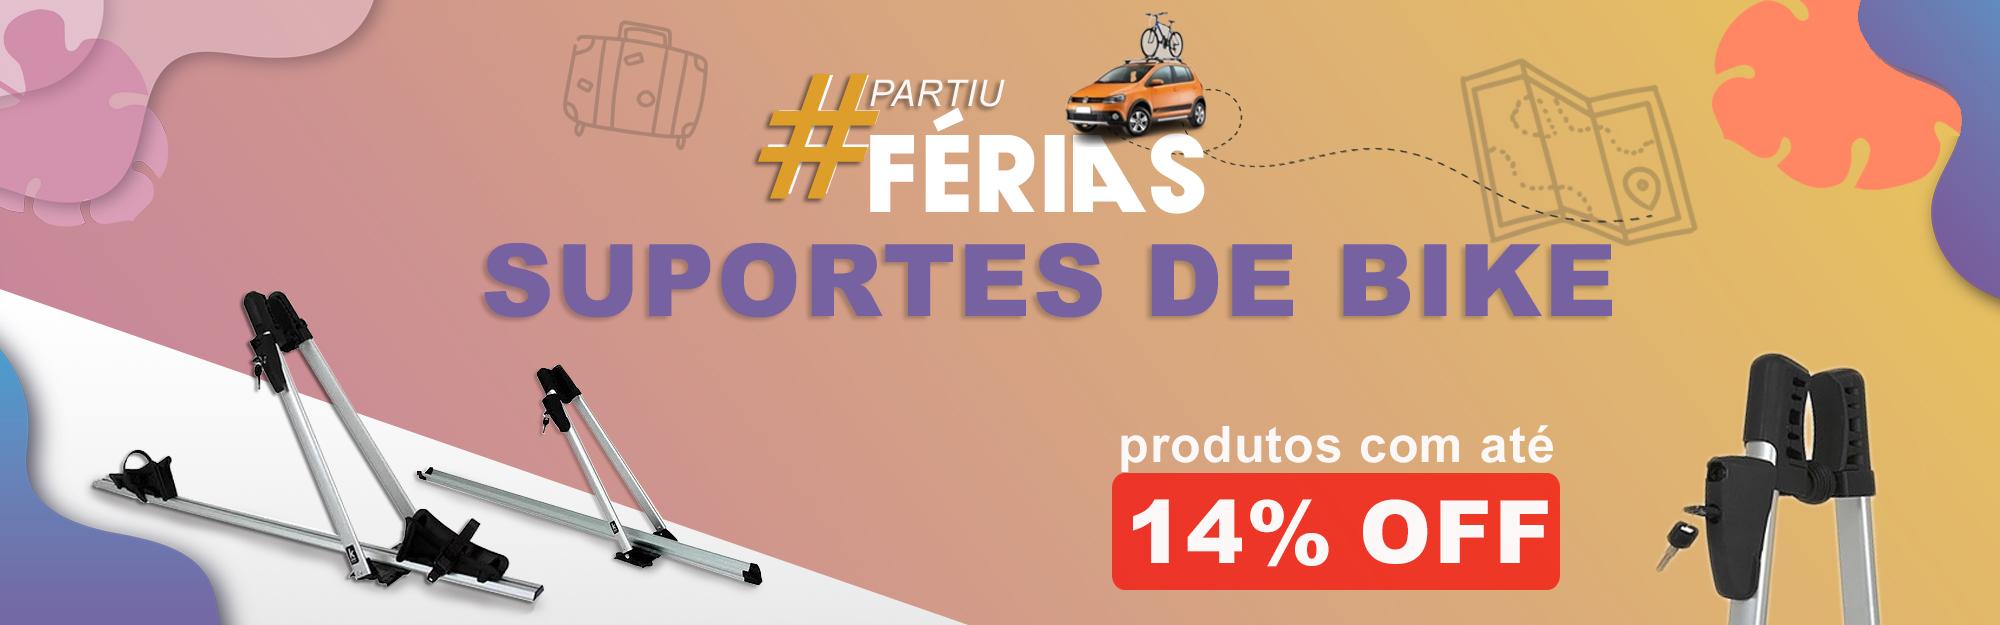 FERIAS - SUPORTE DE BIKE